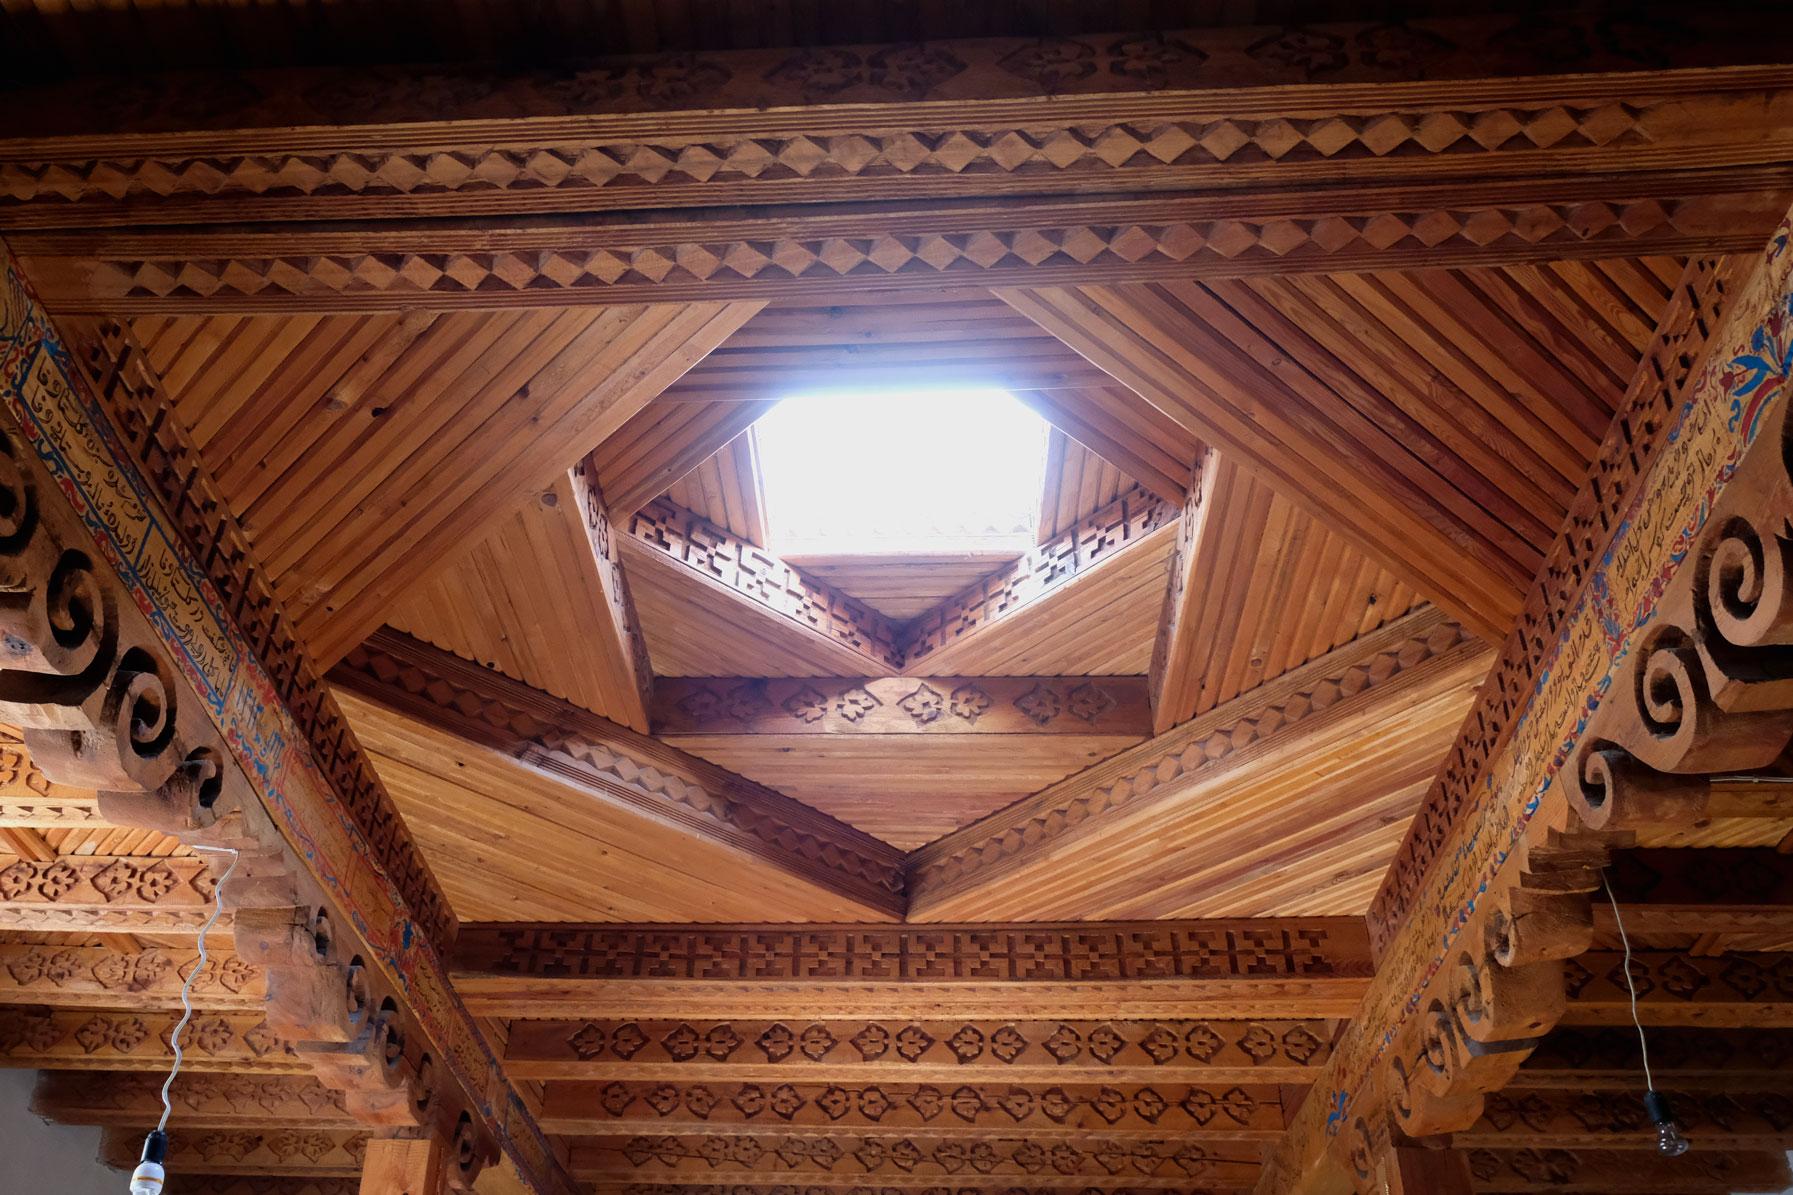 Der Zentrale Ess-/Schlafbereich ist fensterlos. Tageslicht fällt nur durch ein kunstvoll gestaltetes Fenster in das Zimmer.